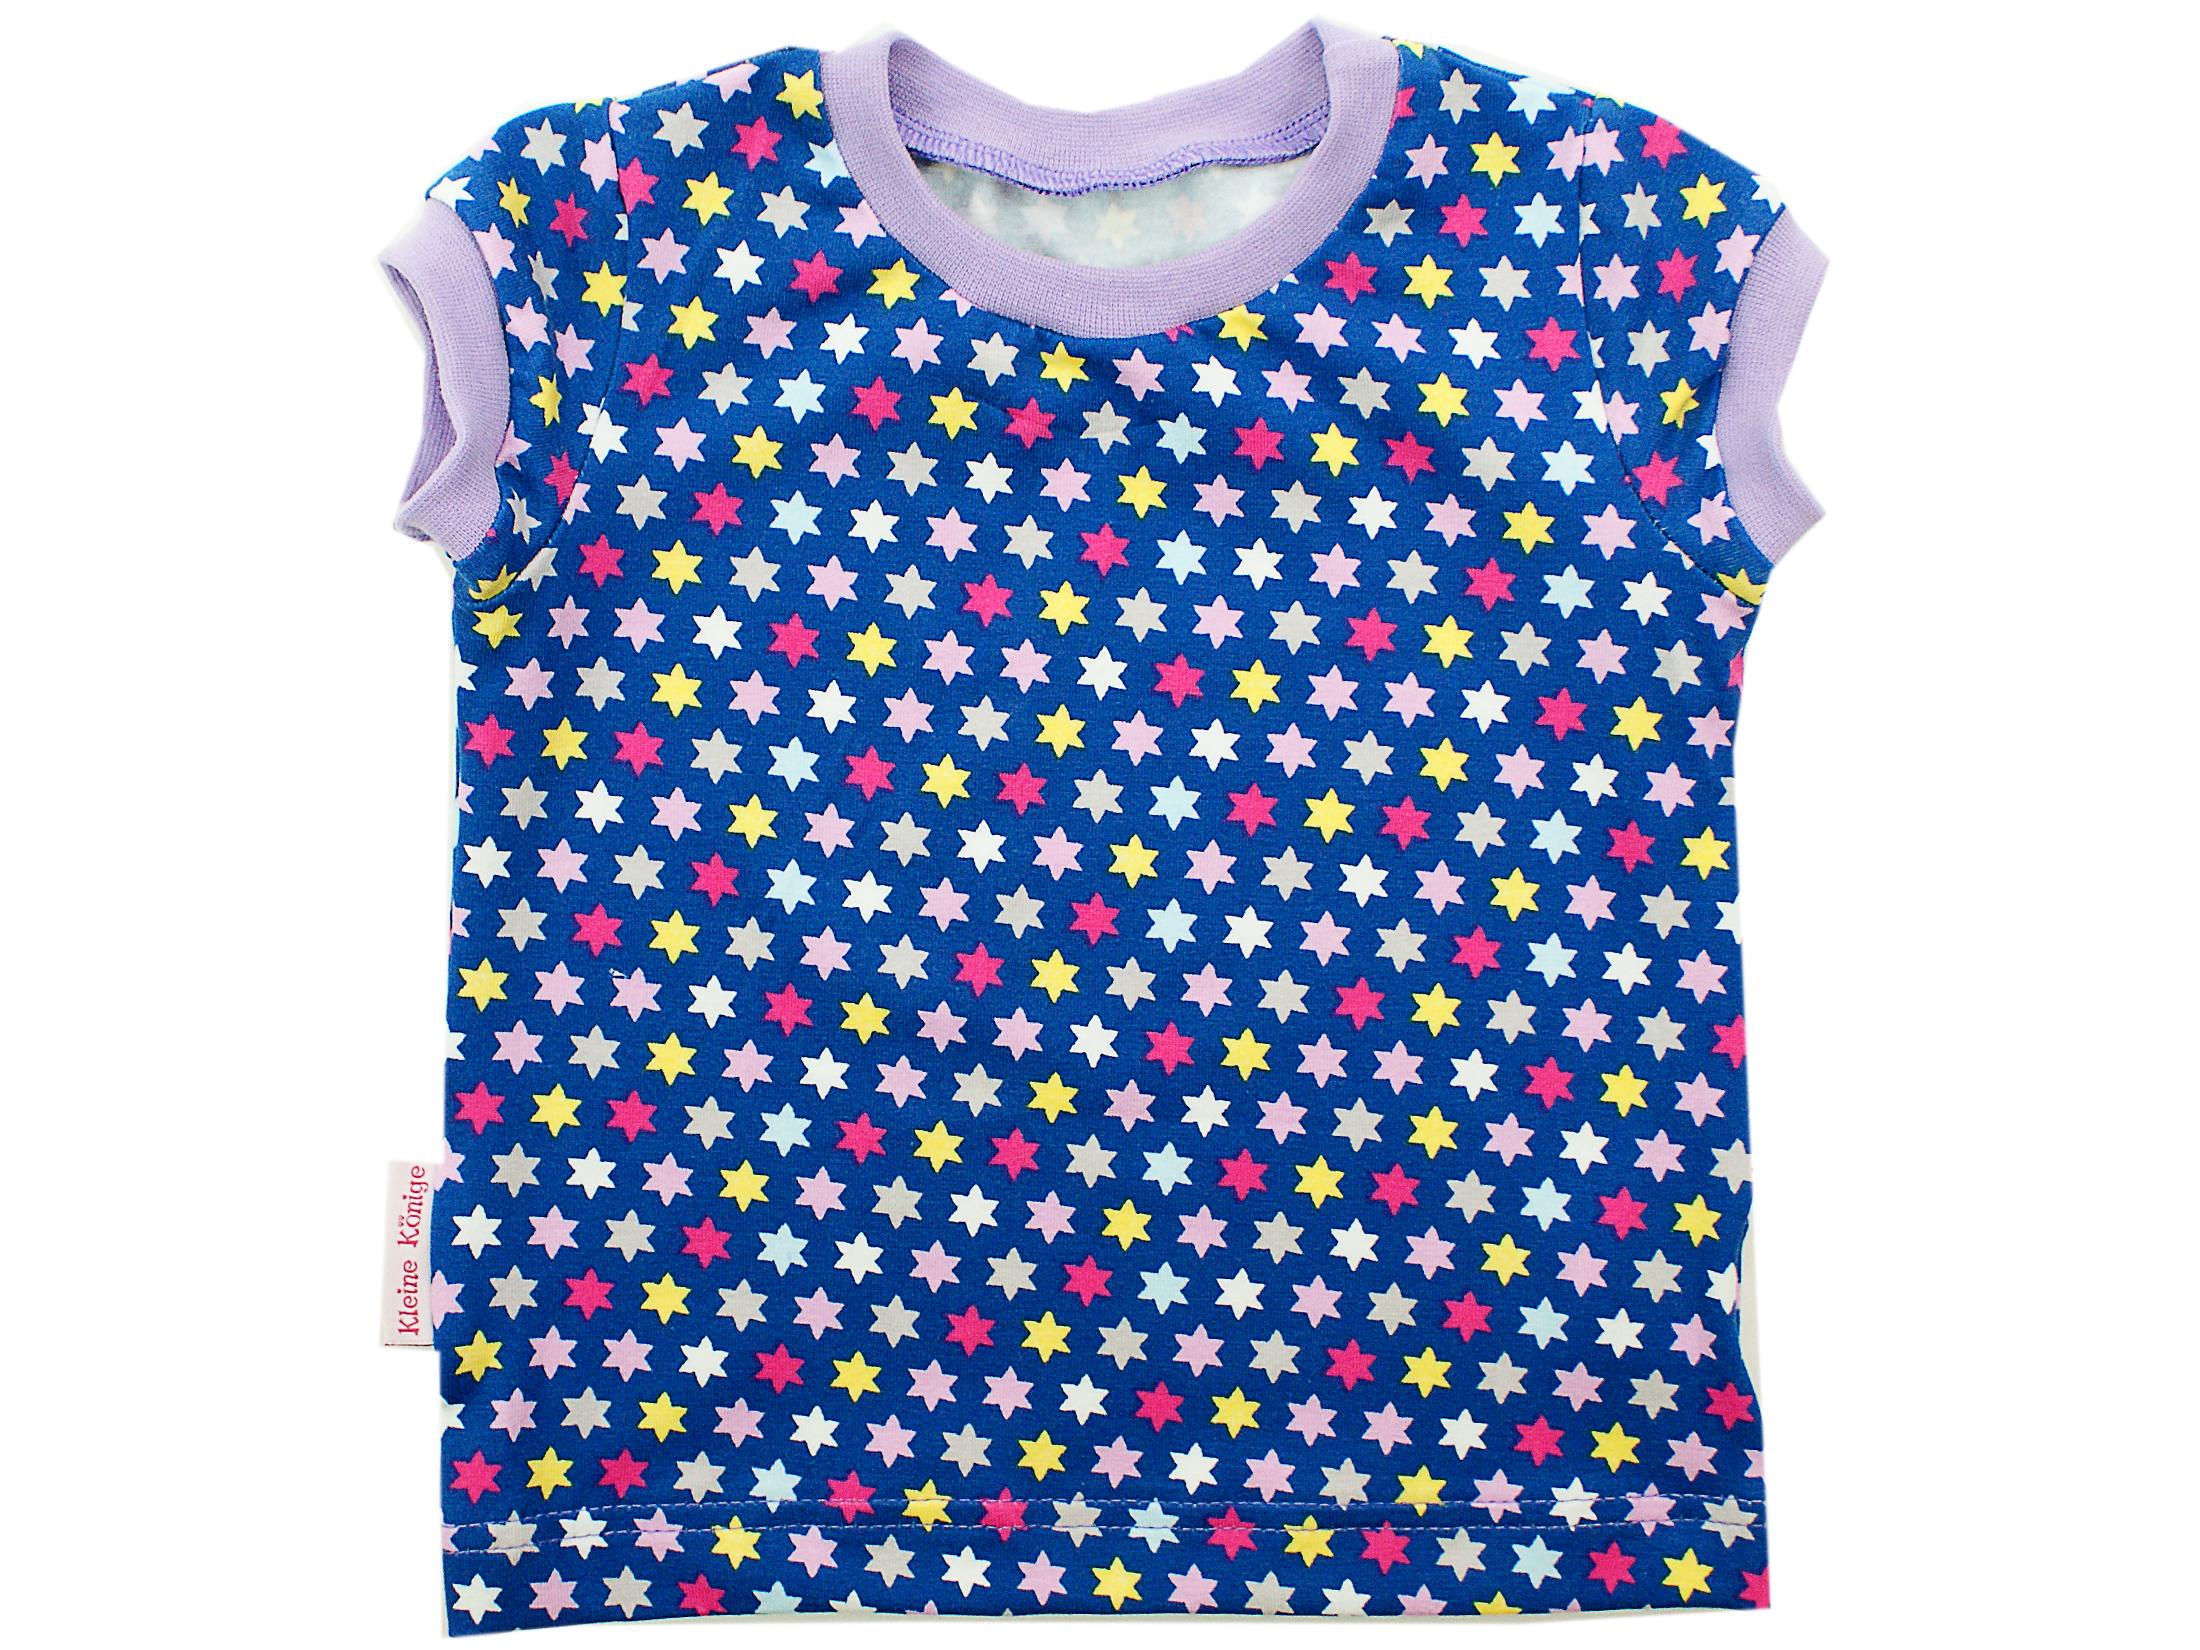 """Kinder T-Shirt """"Bunte Sterne"""" flieder in 74 bis 92"""